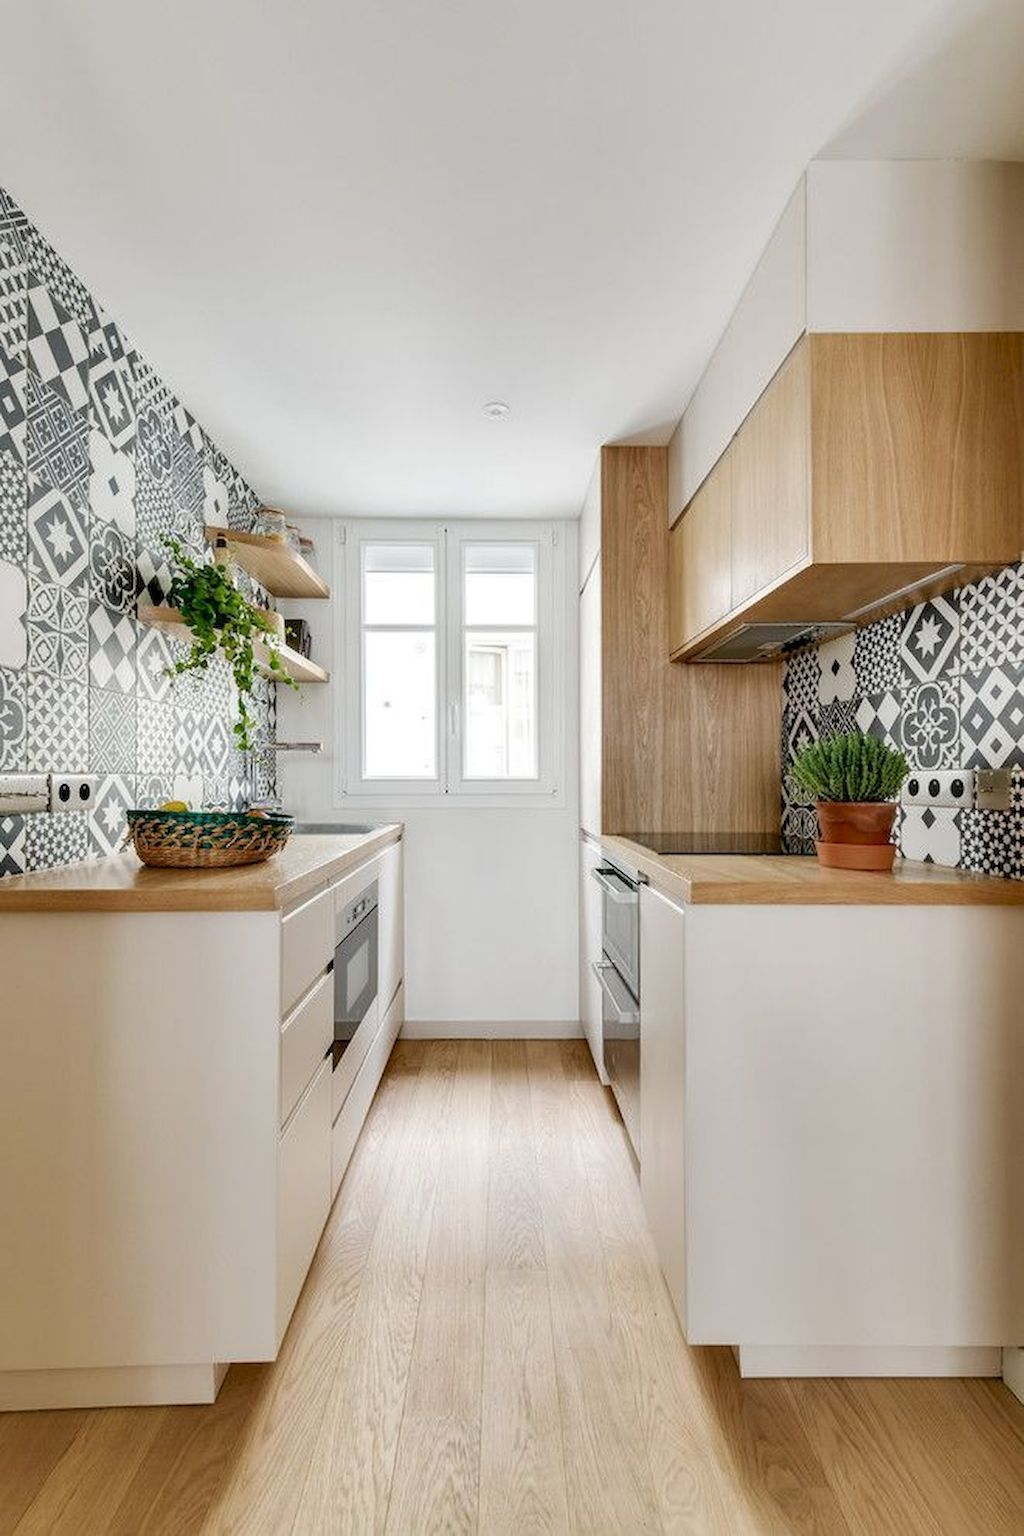 Smallkitchendesign design de cuisine rustique placard - Refaire sa cuisine rustique en moderne ...